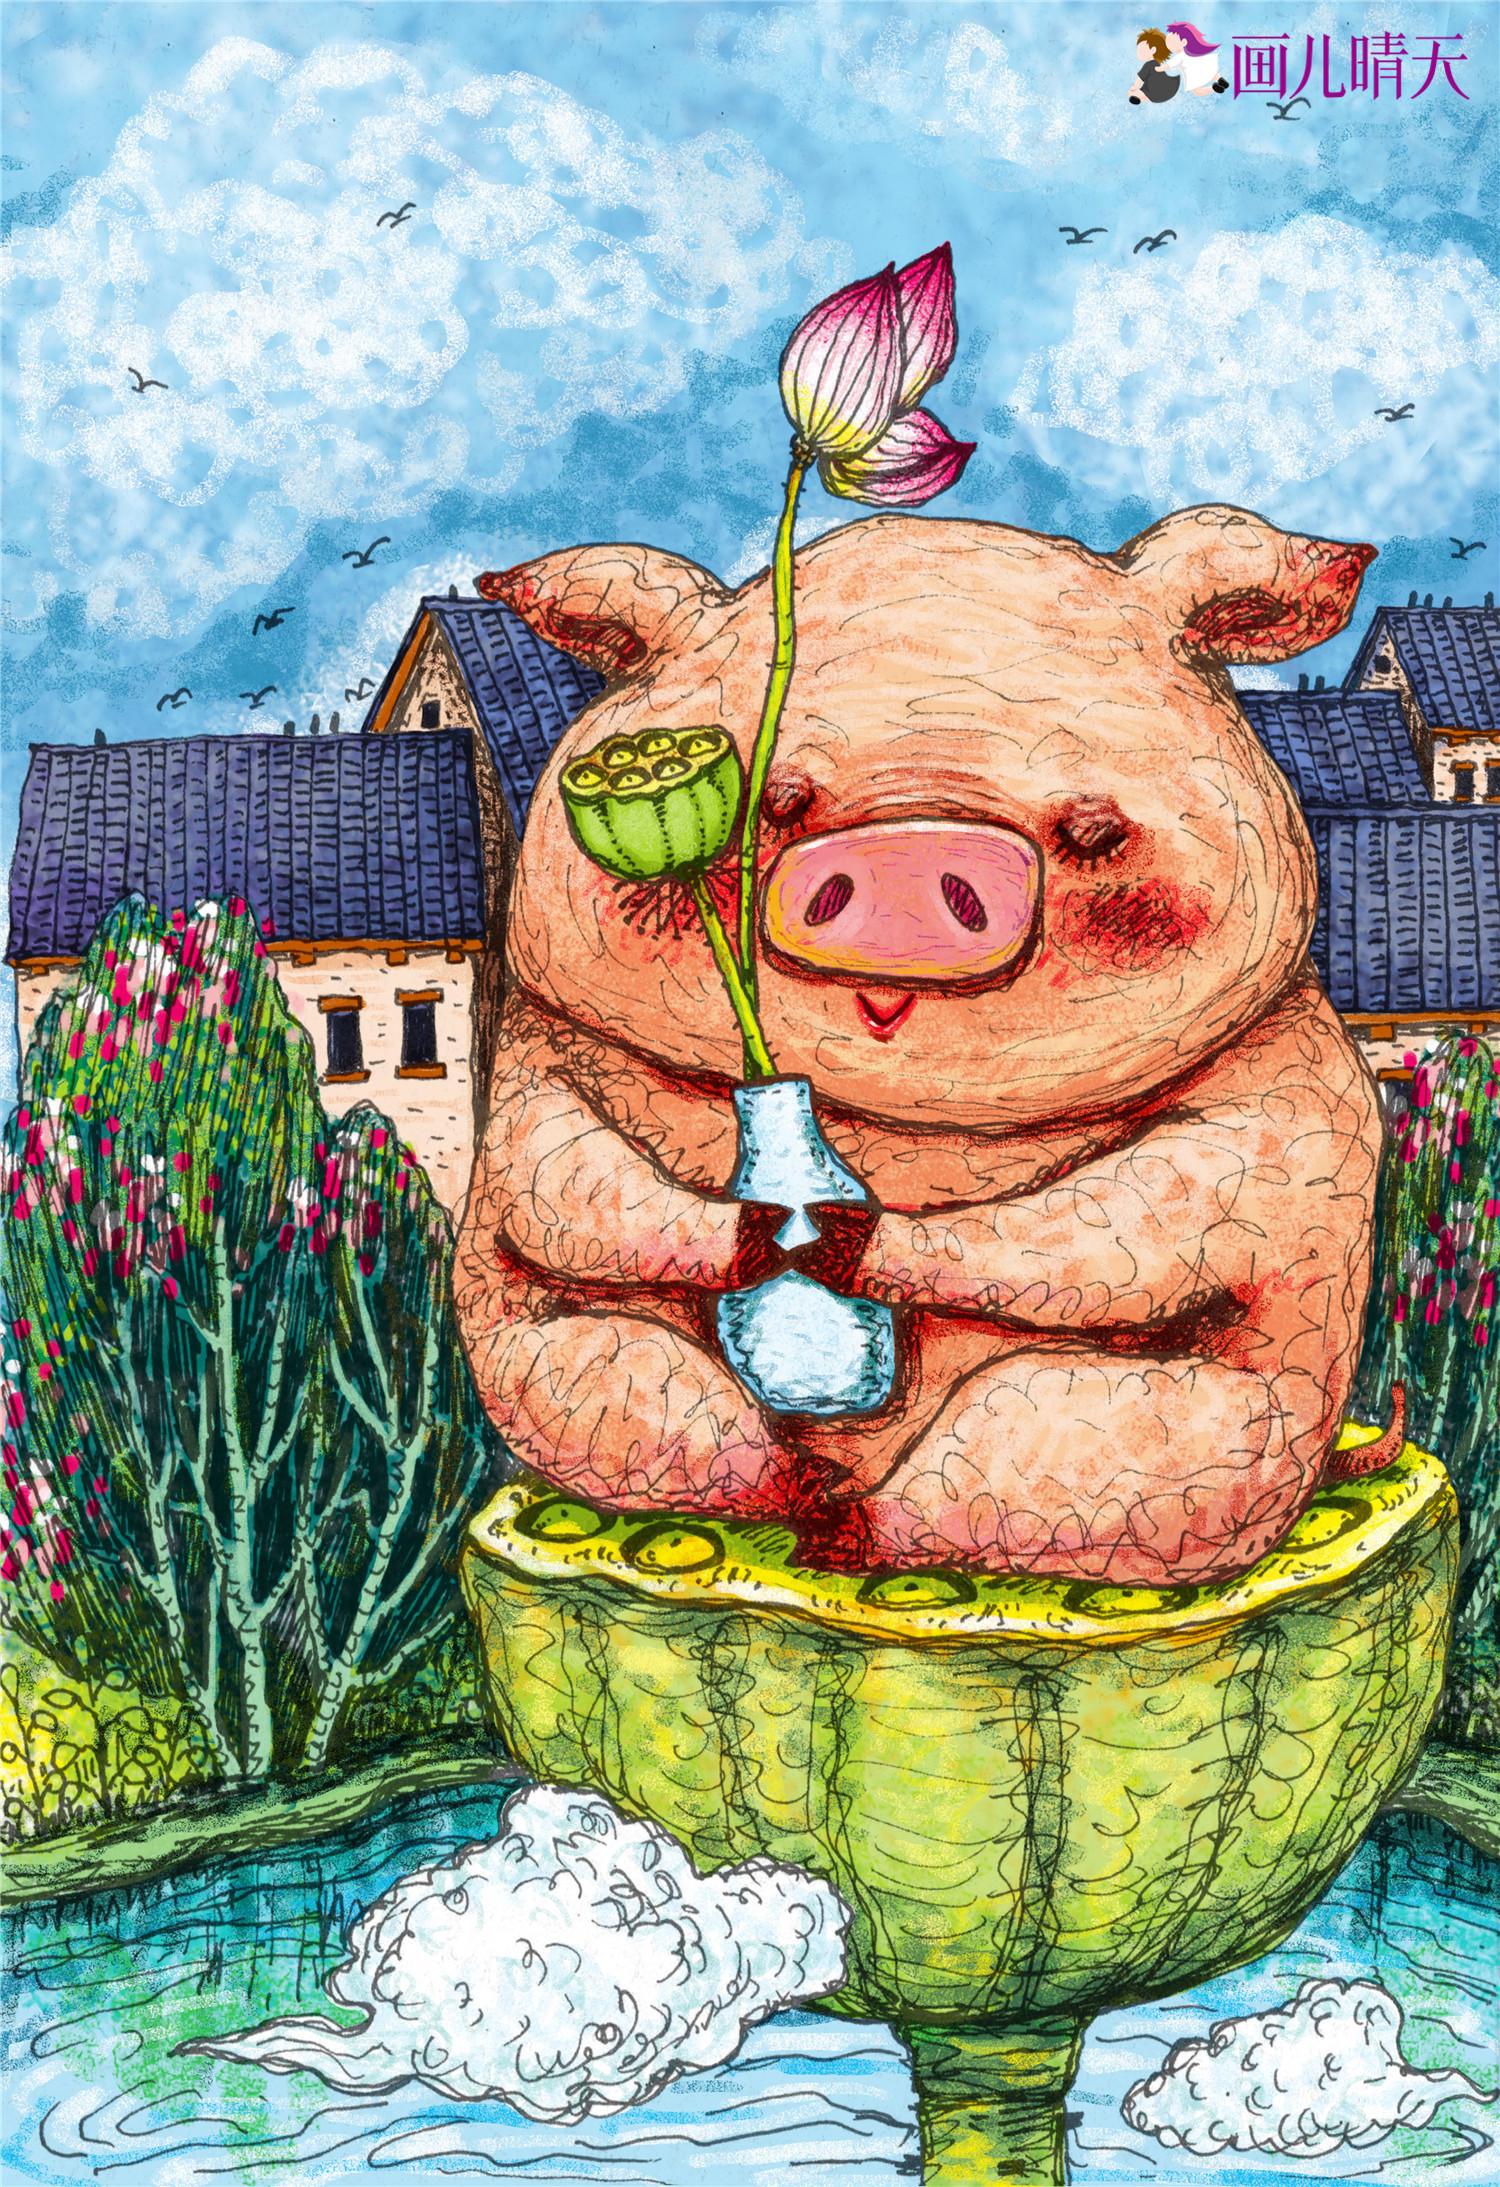 猪年插画-猪年图片元素插画20几幅|插画|儿童插画|画图片